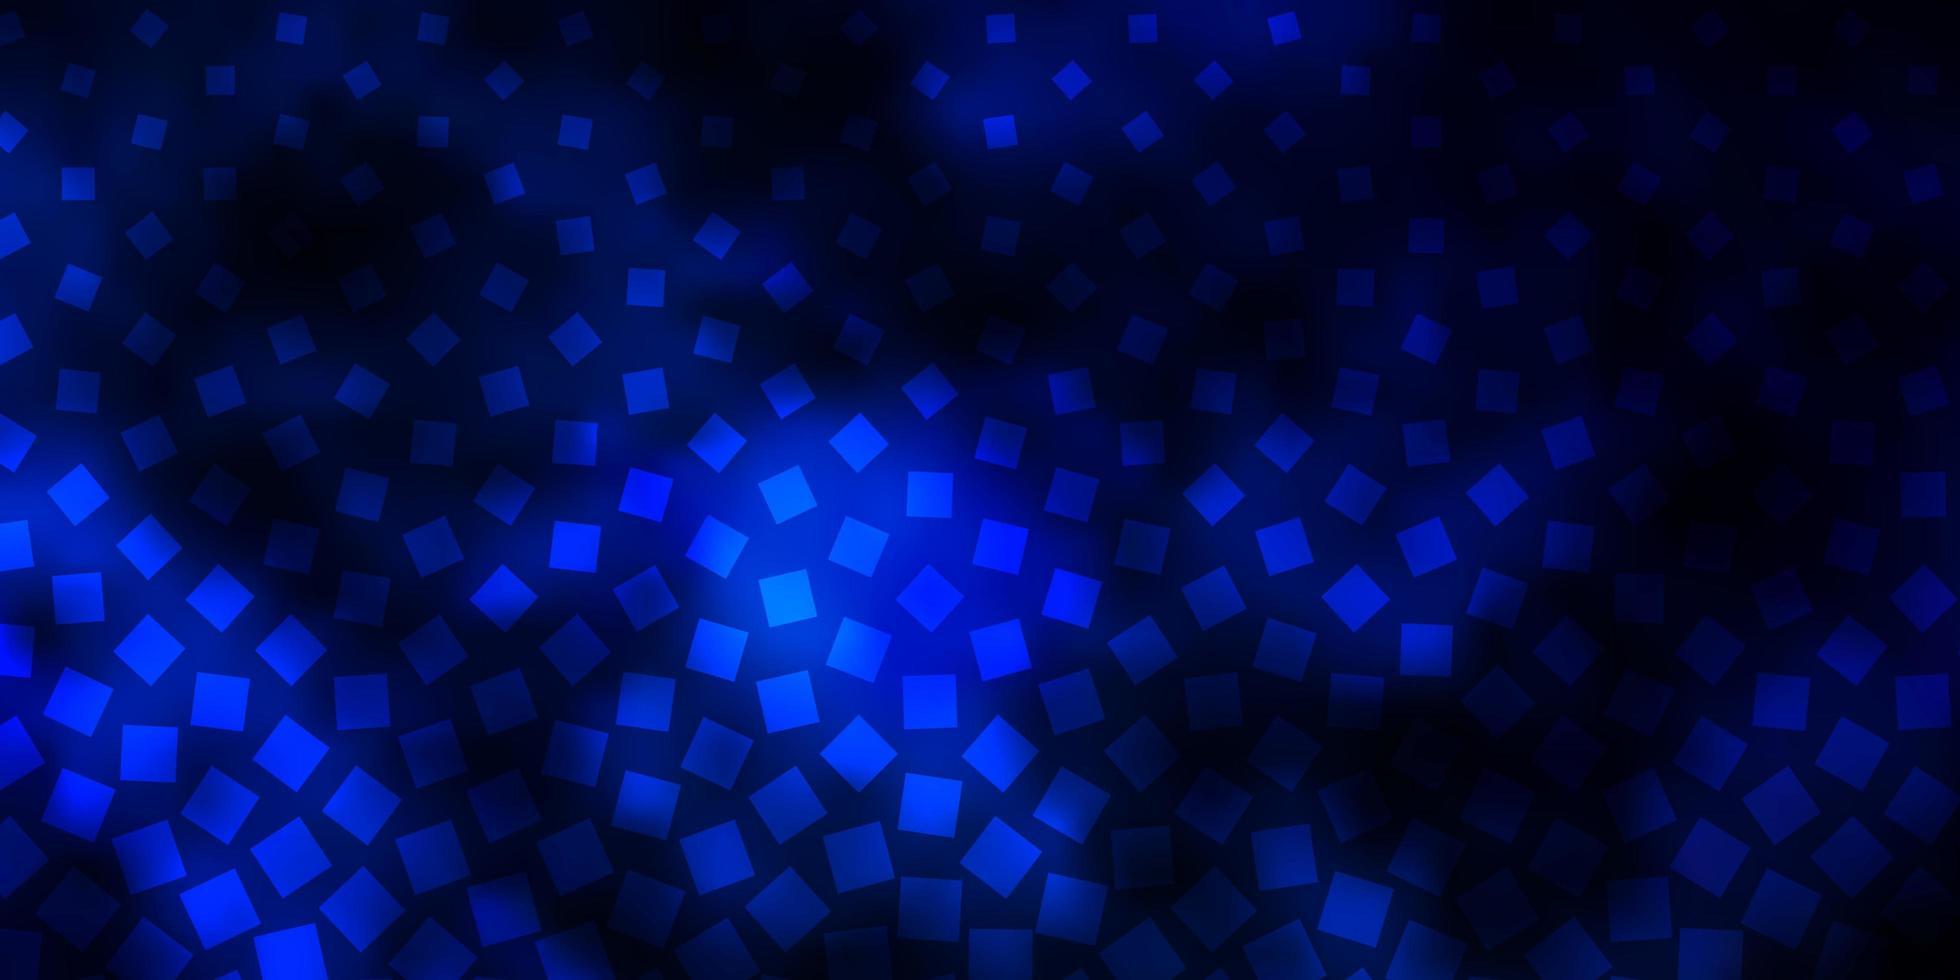 toile de fond de vecteur bleu foncé avec des rectangles.